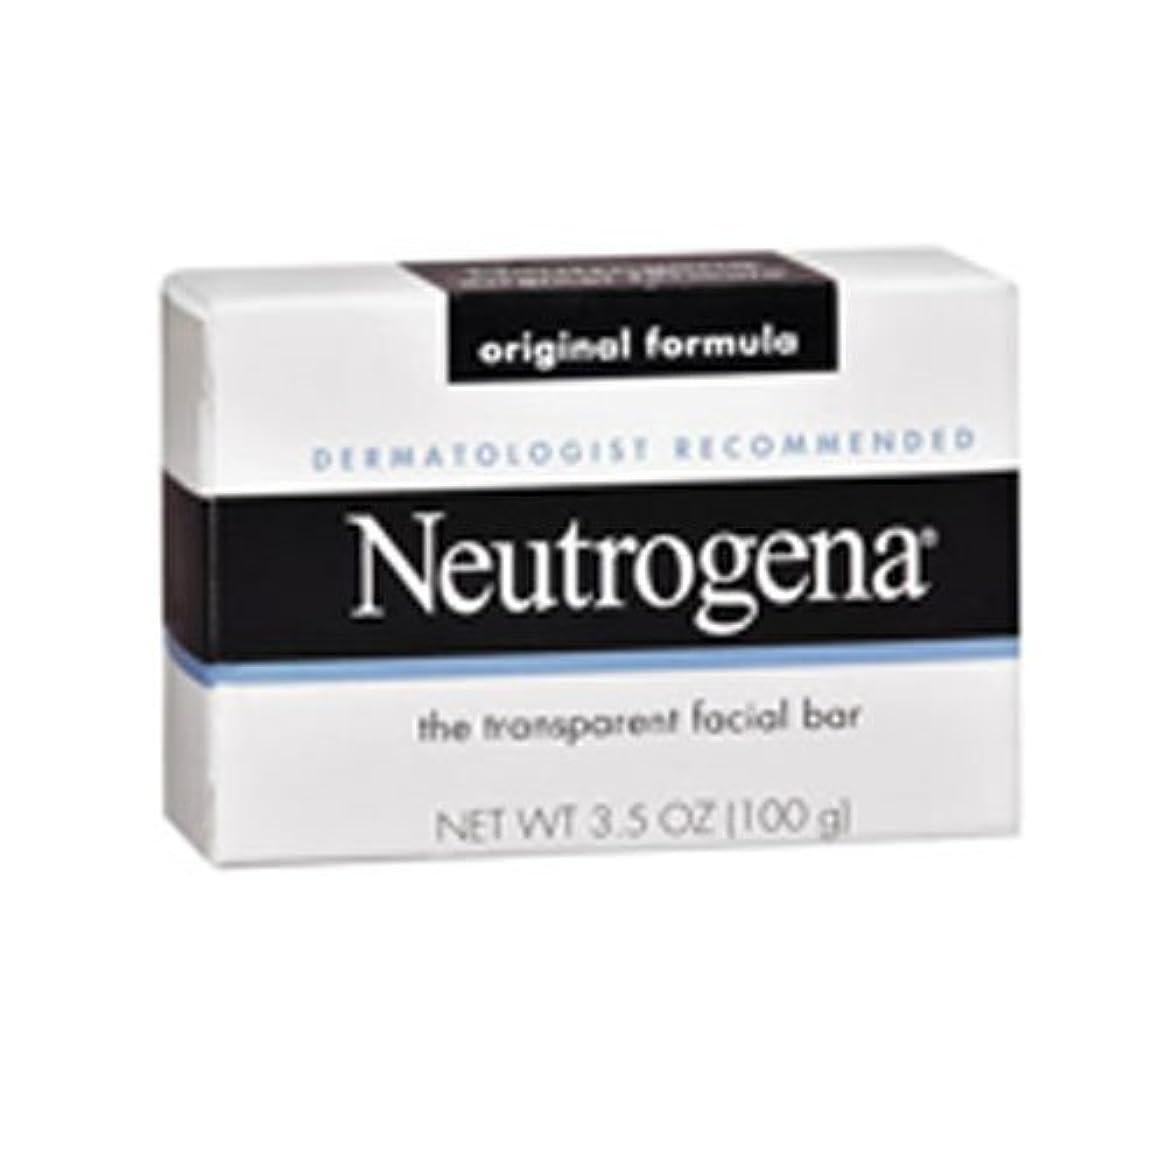 なめらかな必要ない不良海外直送肘 Neutrogena Transparent Facial Soap Bar, 3.5 oz